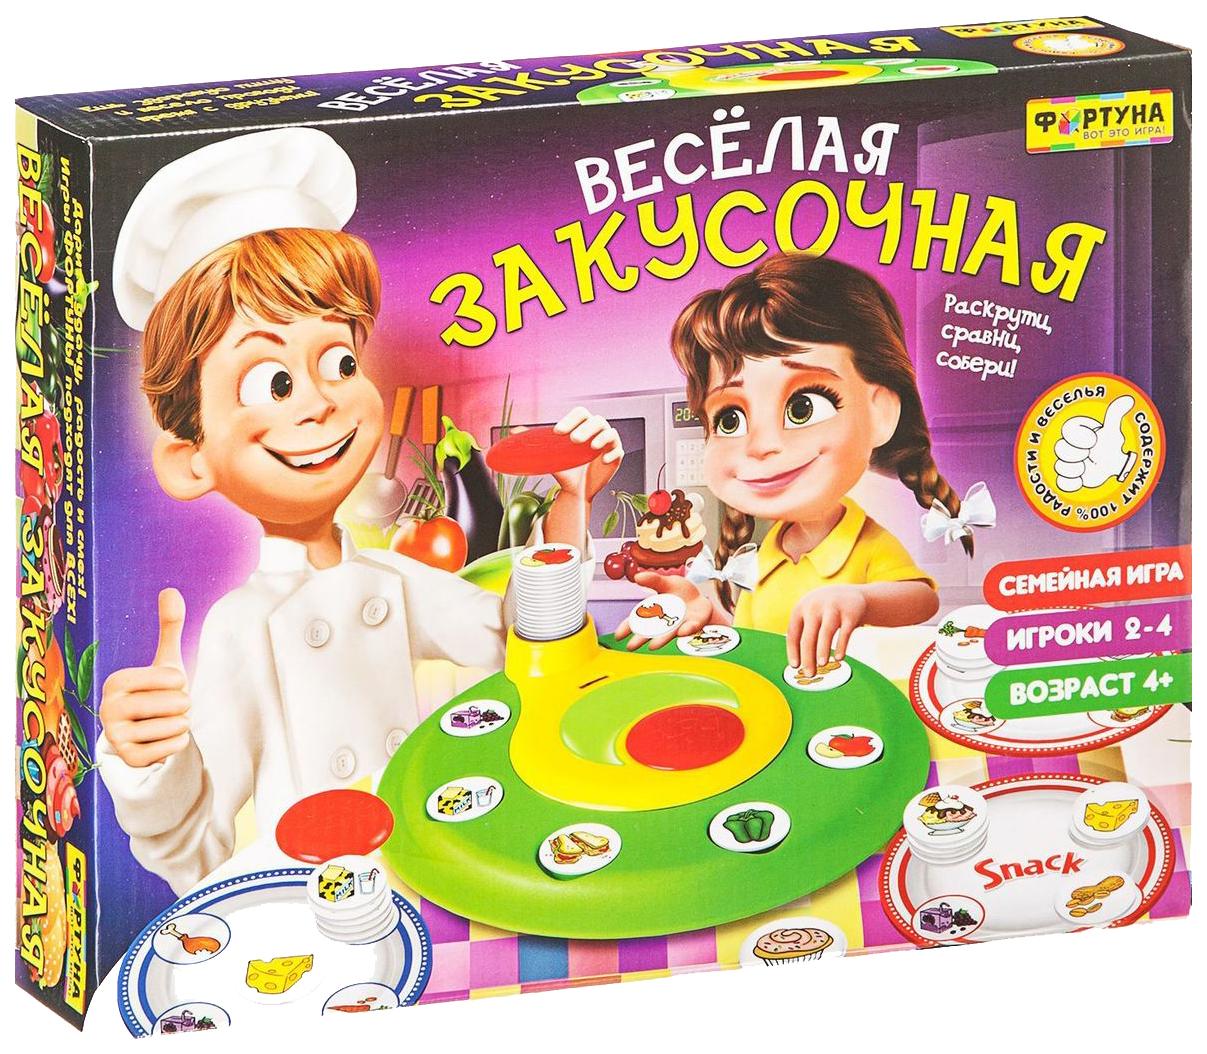 Купить Семейная настольная игра Фортуна Веселая закусочная 79325, Семейные настольные игры